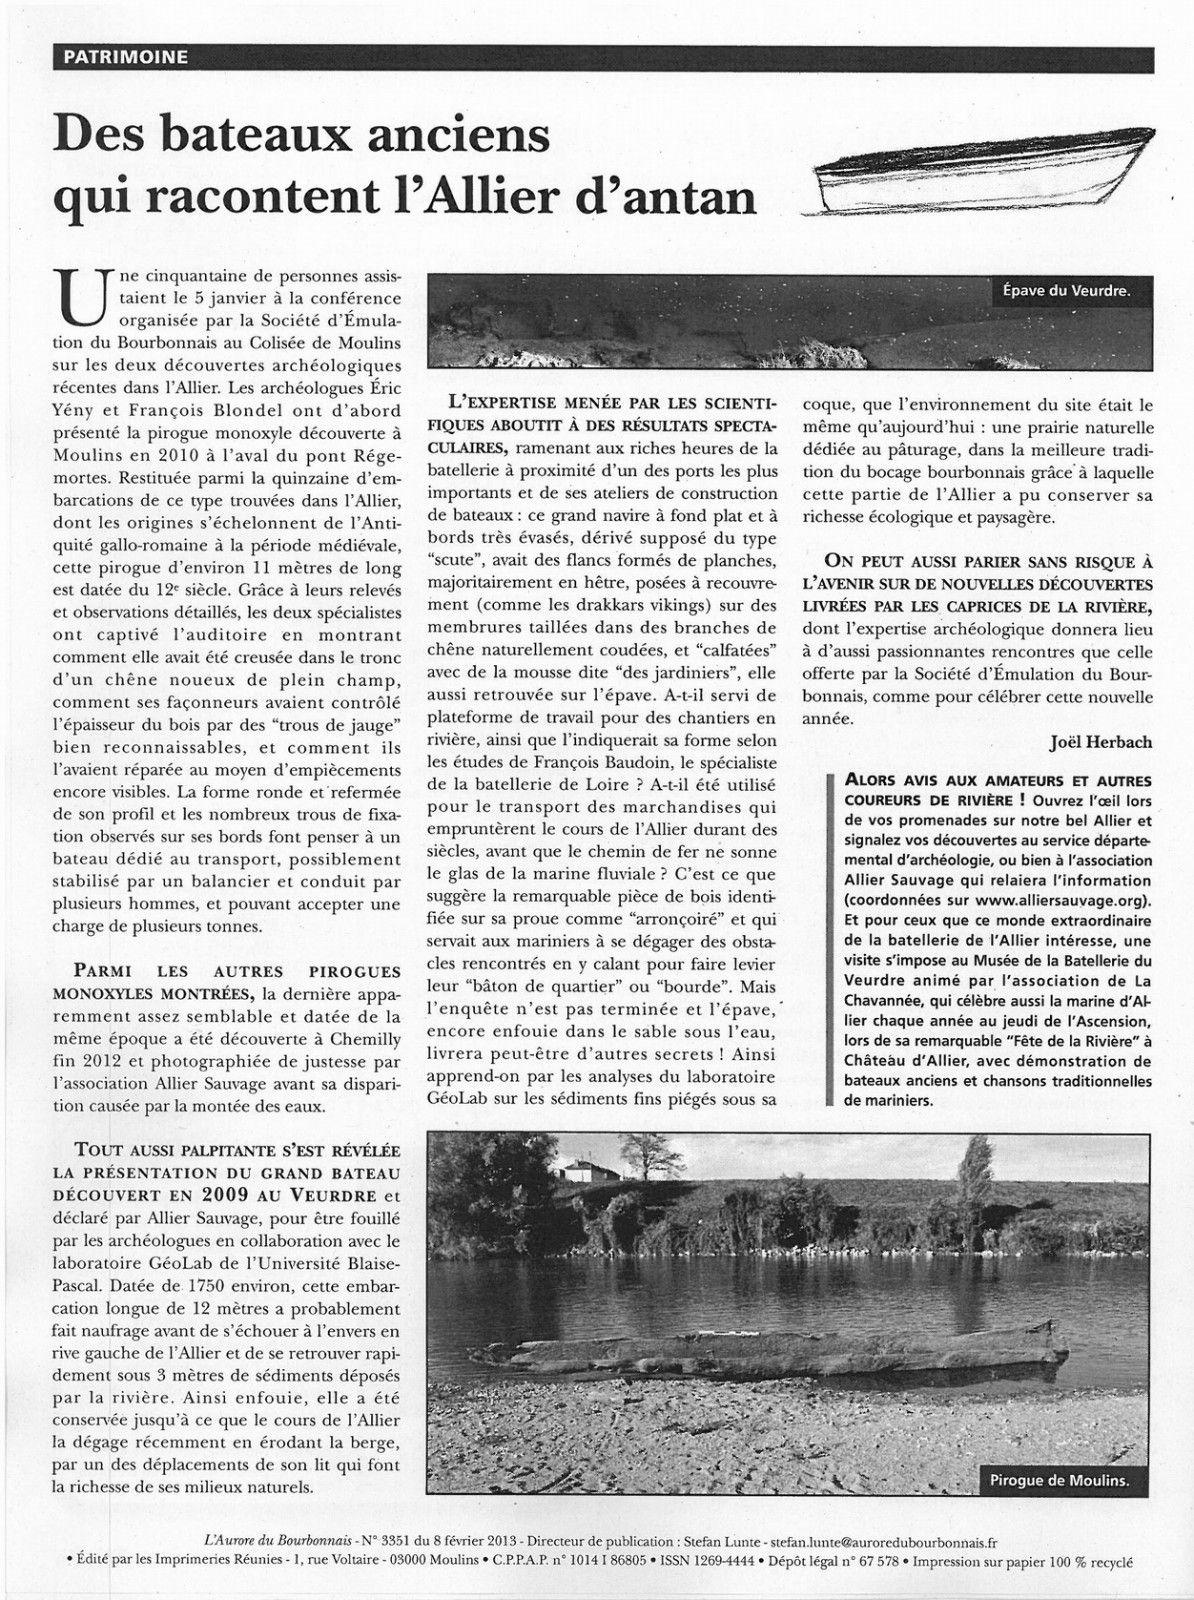 L'Aurore du Bourbonnais du 8 février 2013